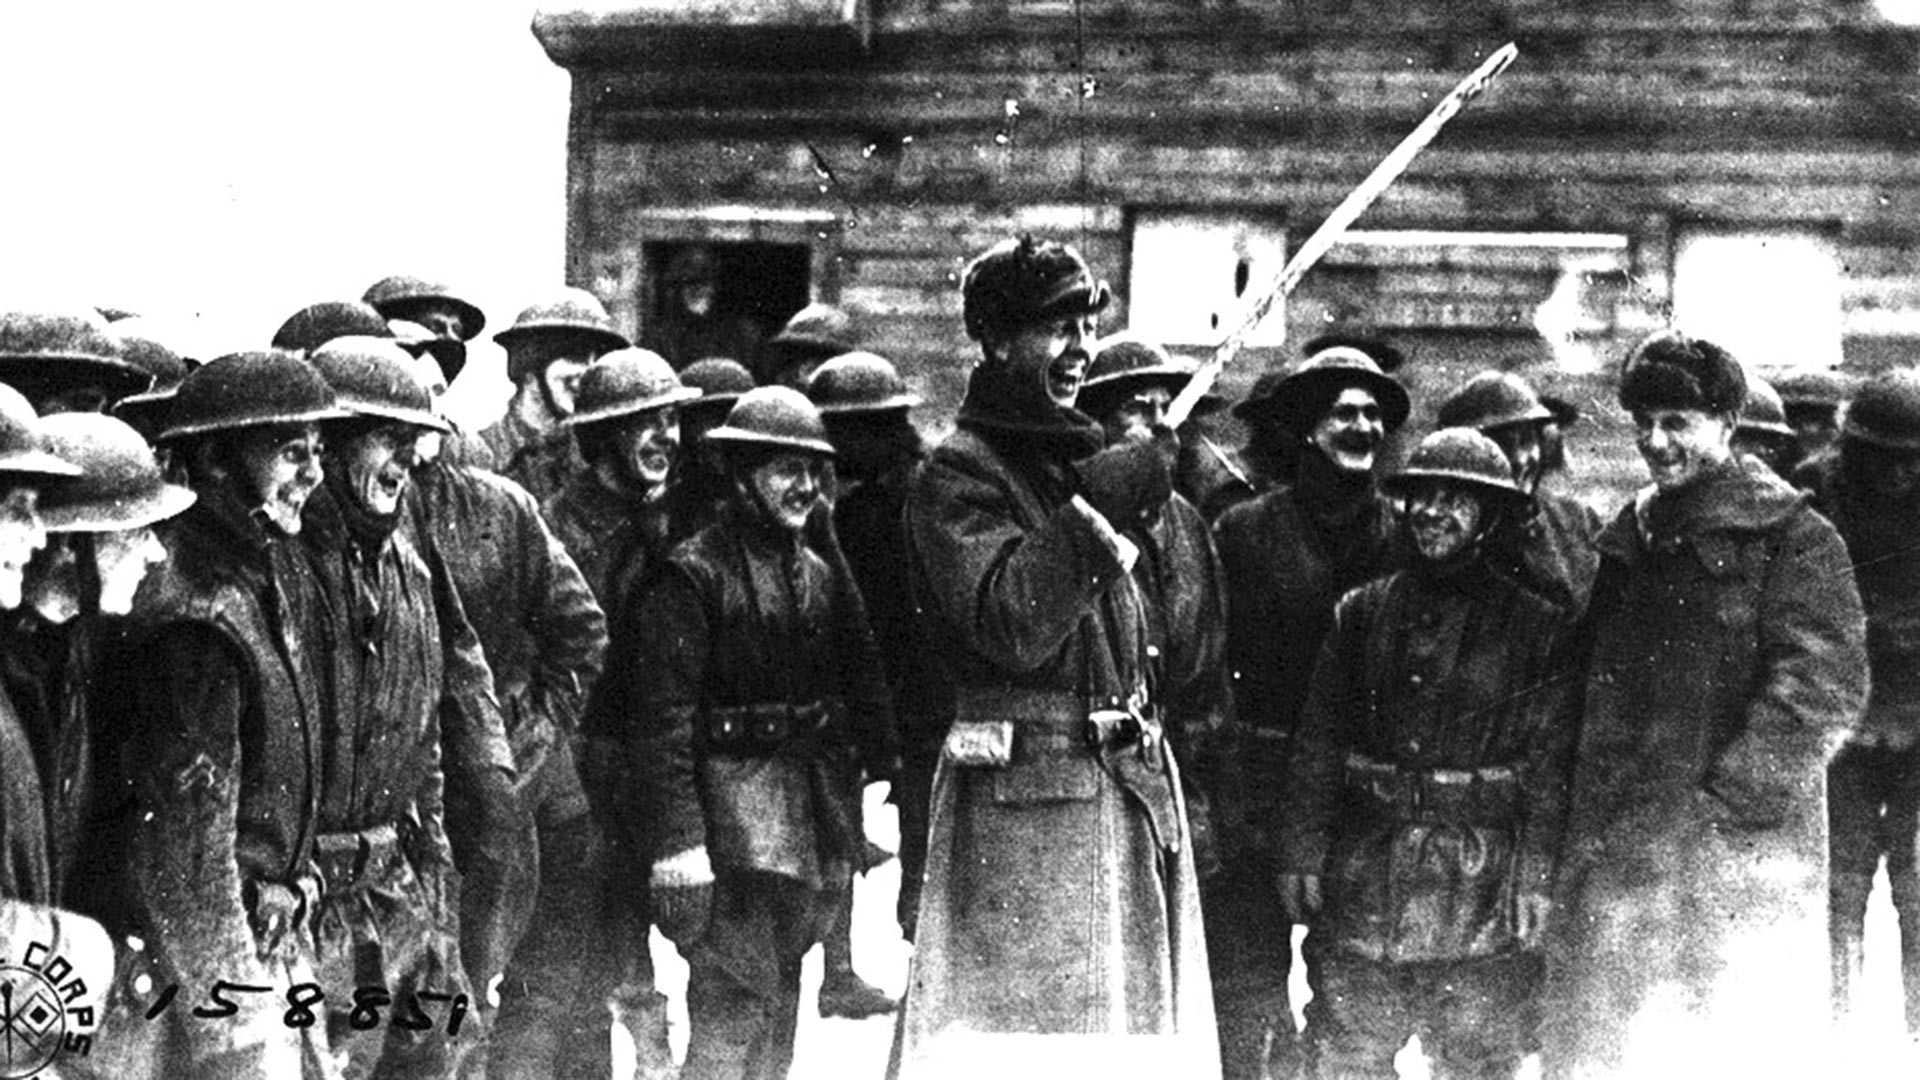 Капитан армии США с трофейной шашкой, захваченной в бою с большевиками на русском севере.